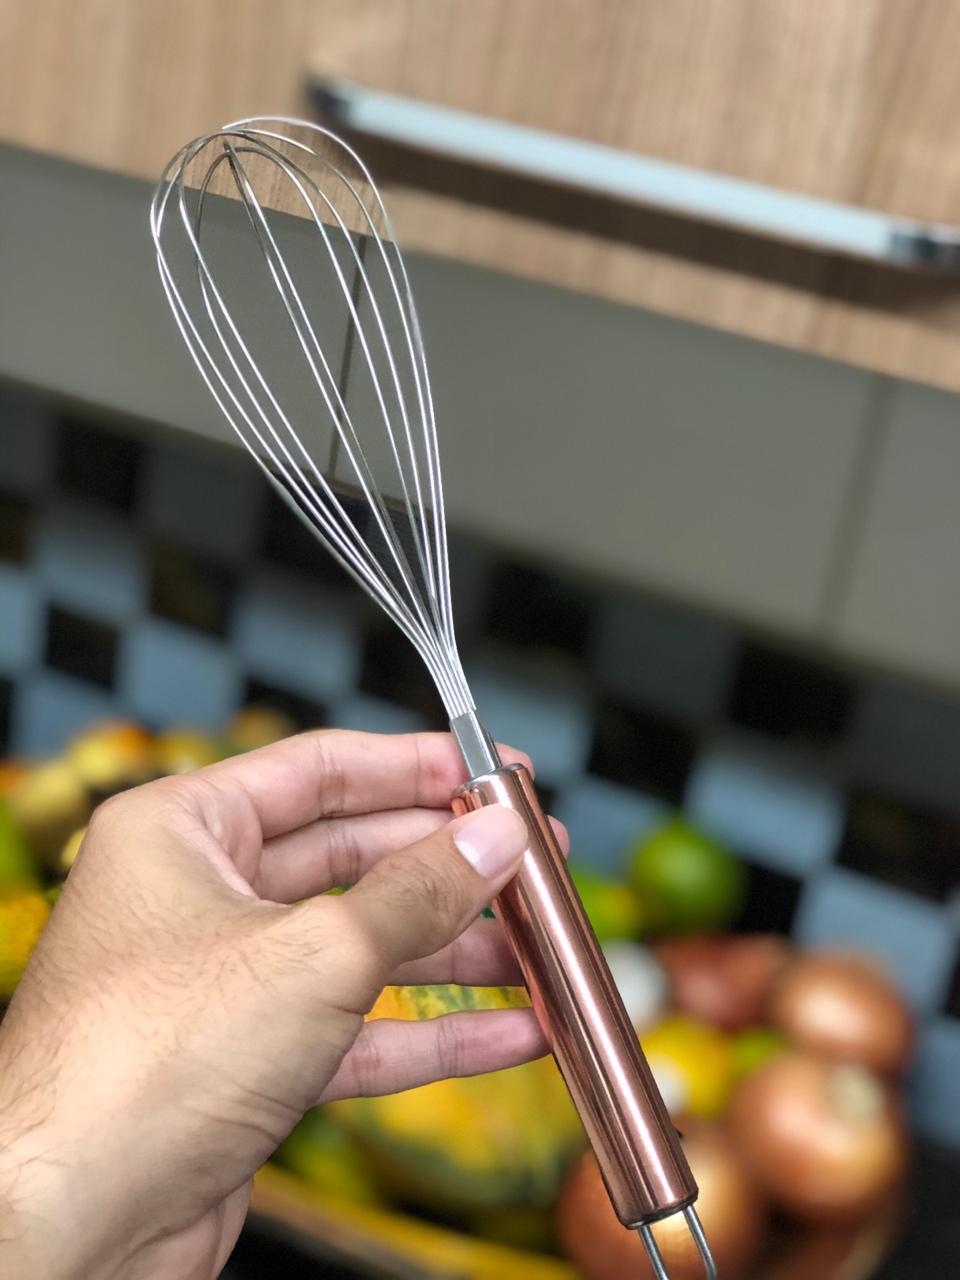 Batedor de ovos fouet rose cobre de aço inox 26 cm MimoStyle